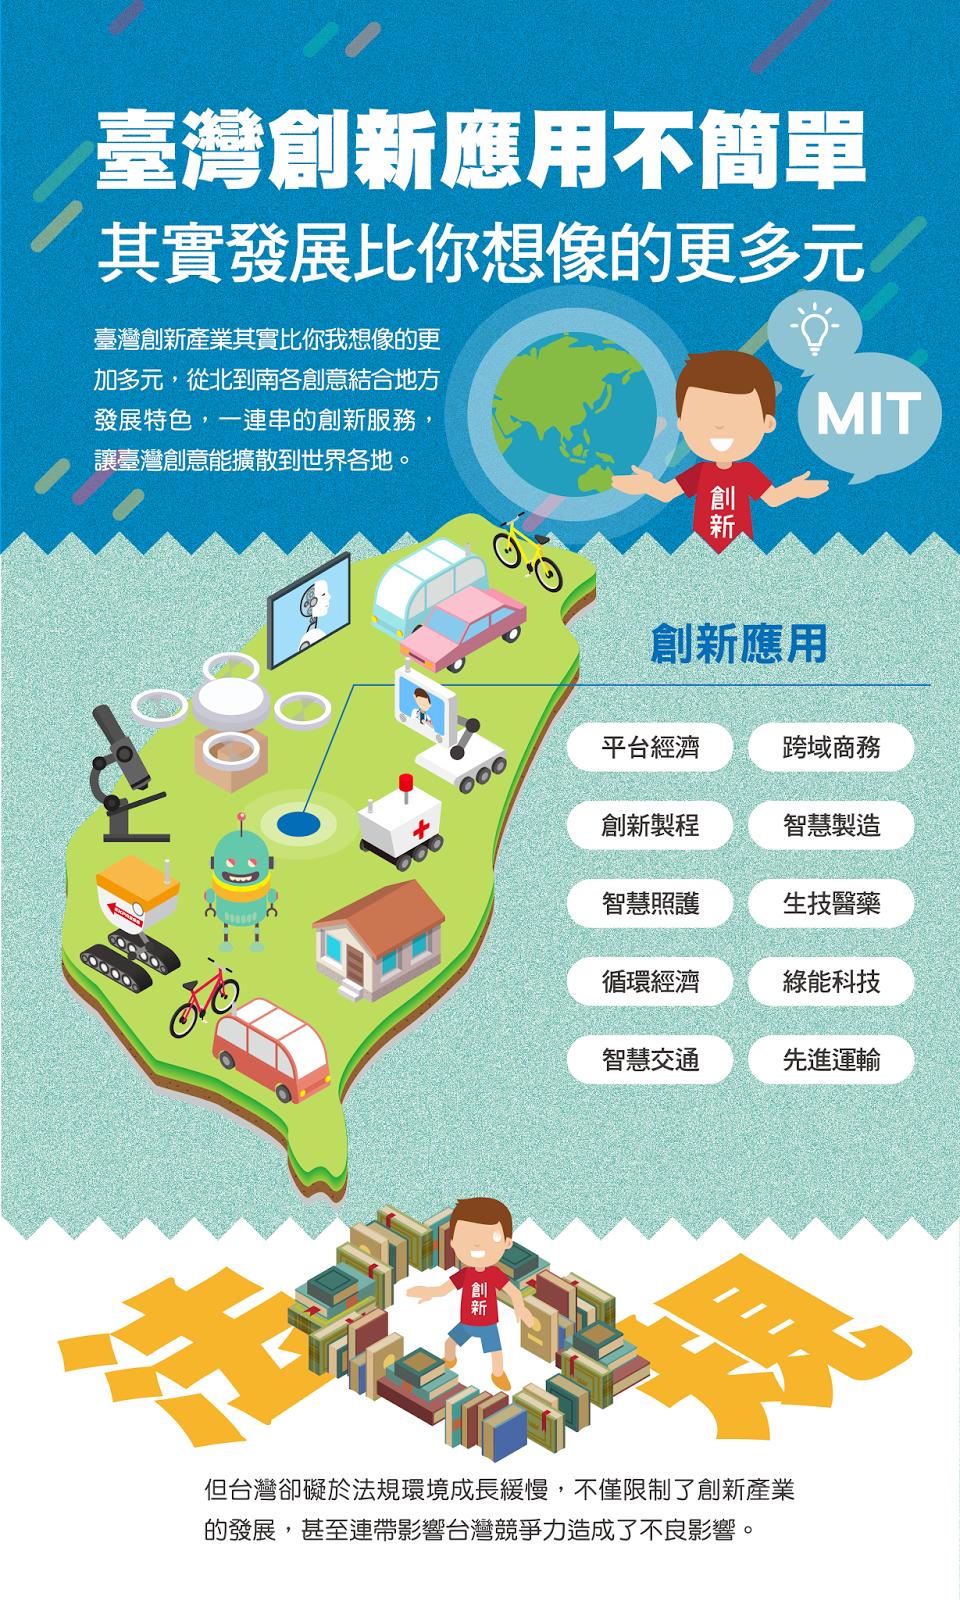 臺灣創新應用不簡單,其實發展比你想像的更多元